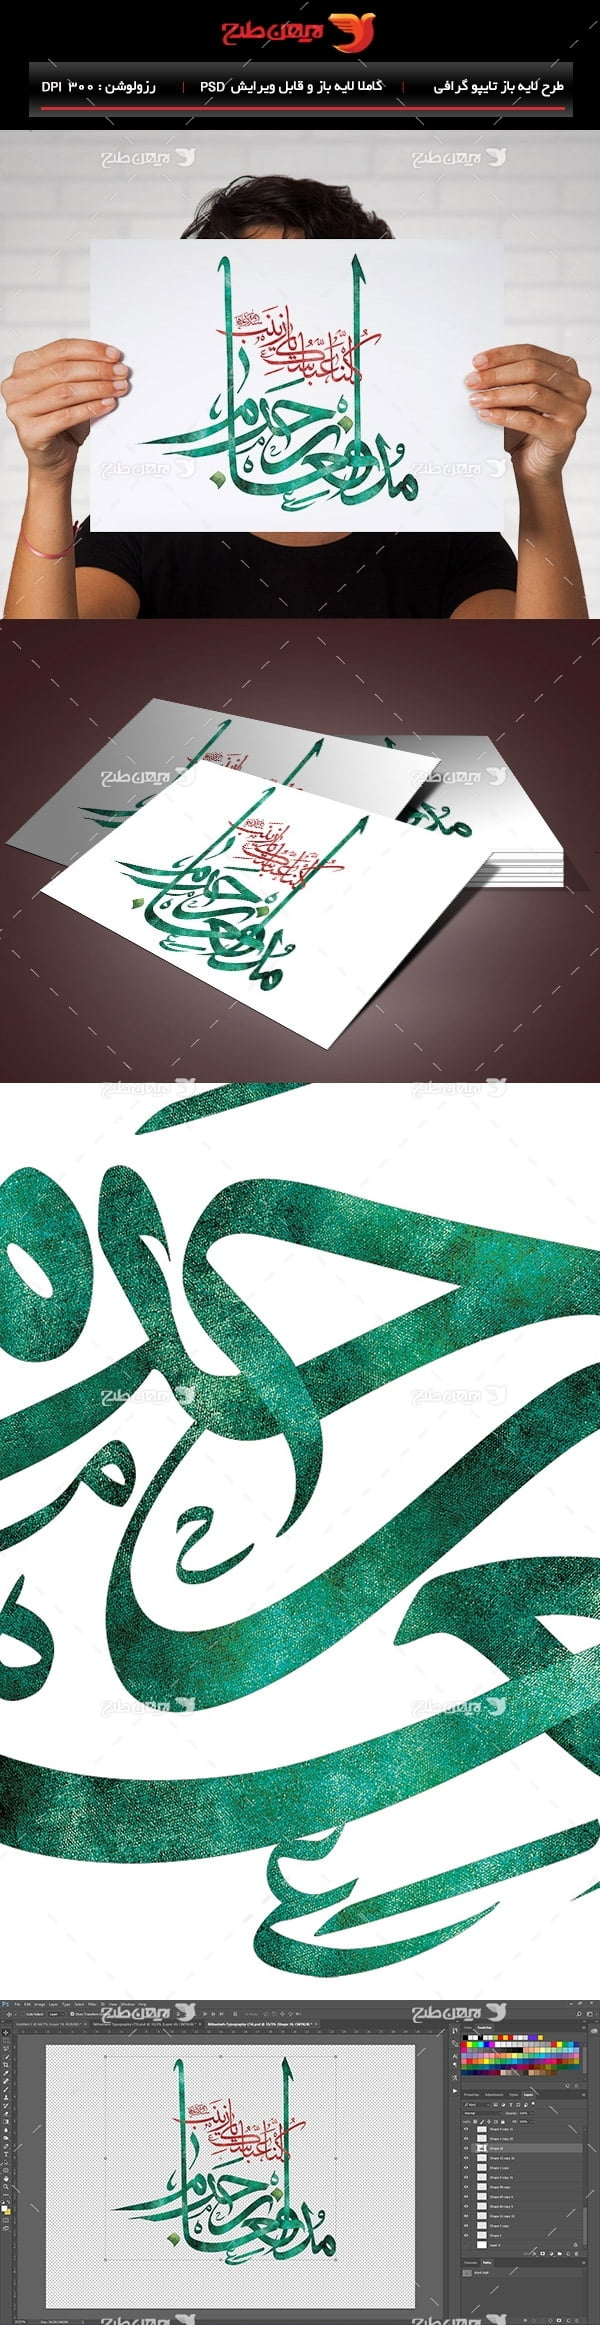 طرح لایه باز تایپوگرافی و خطاطی نام مدافعان حرم